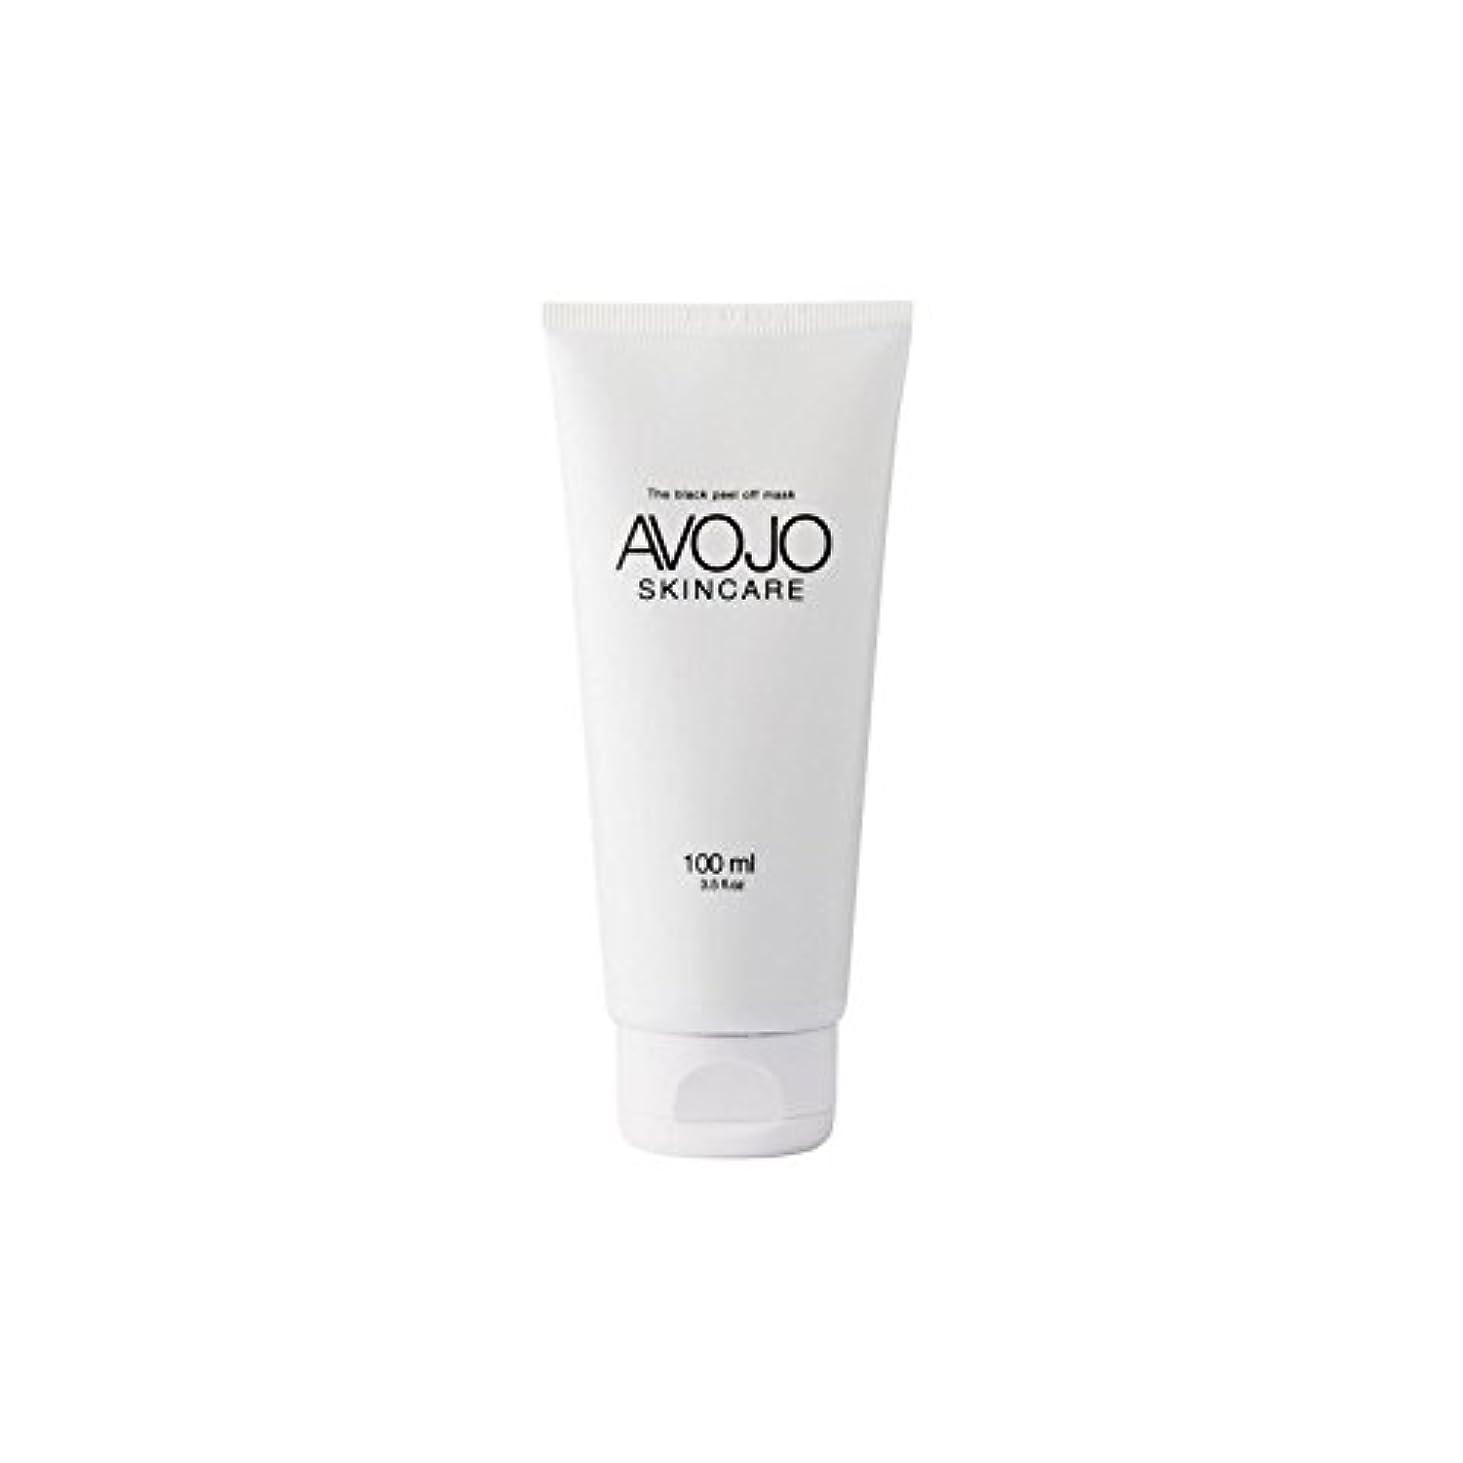 残る地殻差別化するAvojo - The Black Peel Off Mask - (Bottle 100ml) - - 黒皮オフマスク - (ボトル100ミリリットル) [並行輸入品]